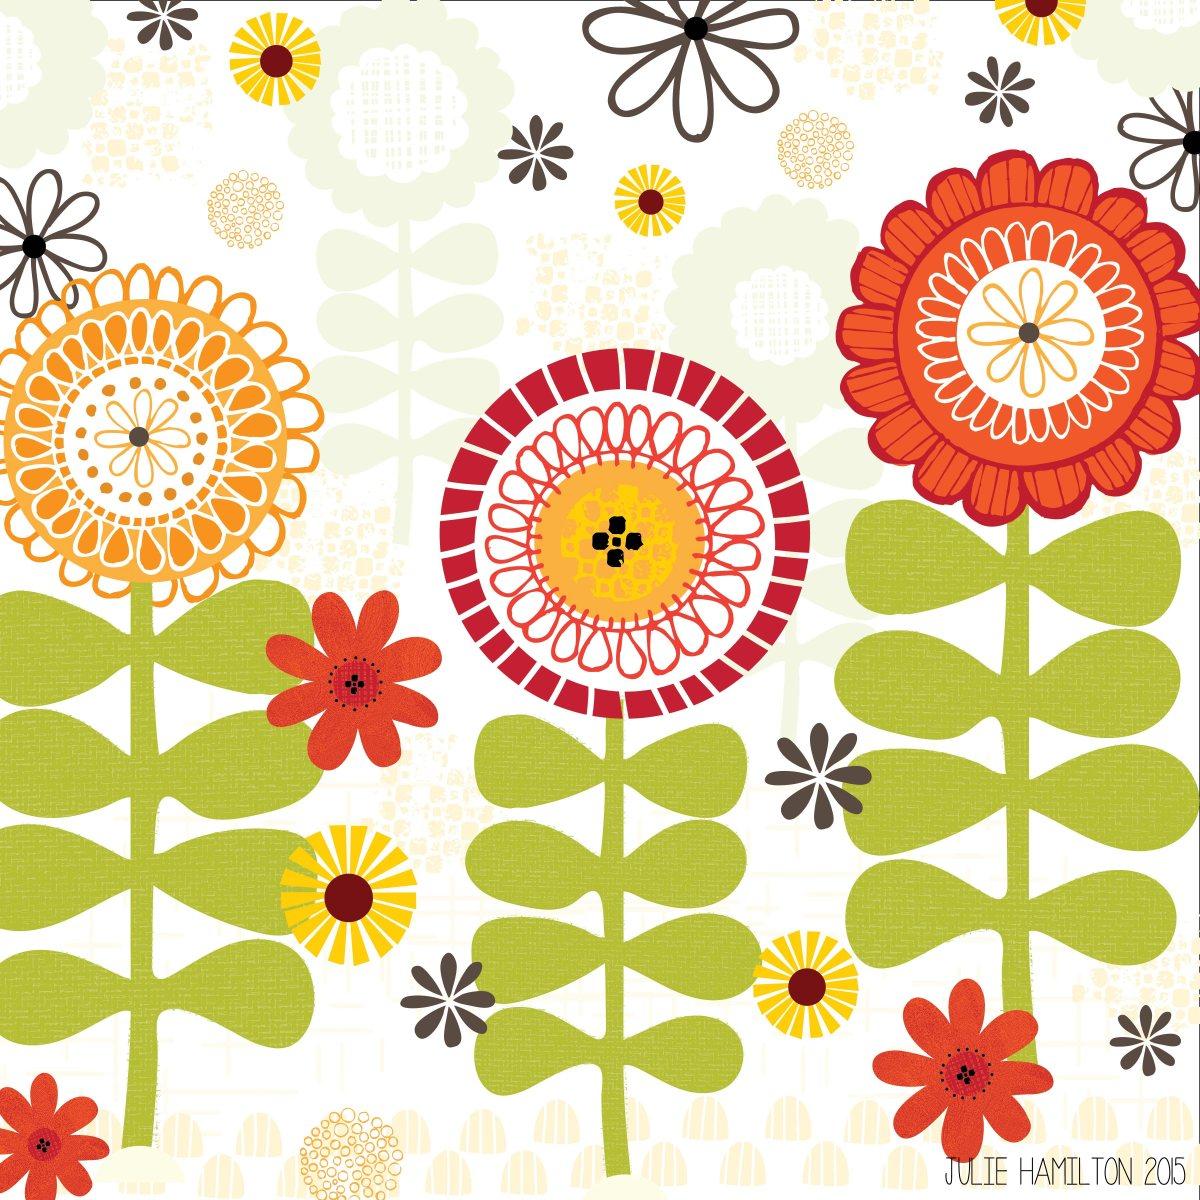 In my Garden - Julie Hamilton Creative {artistically afflicted blog}